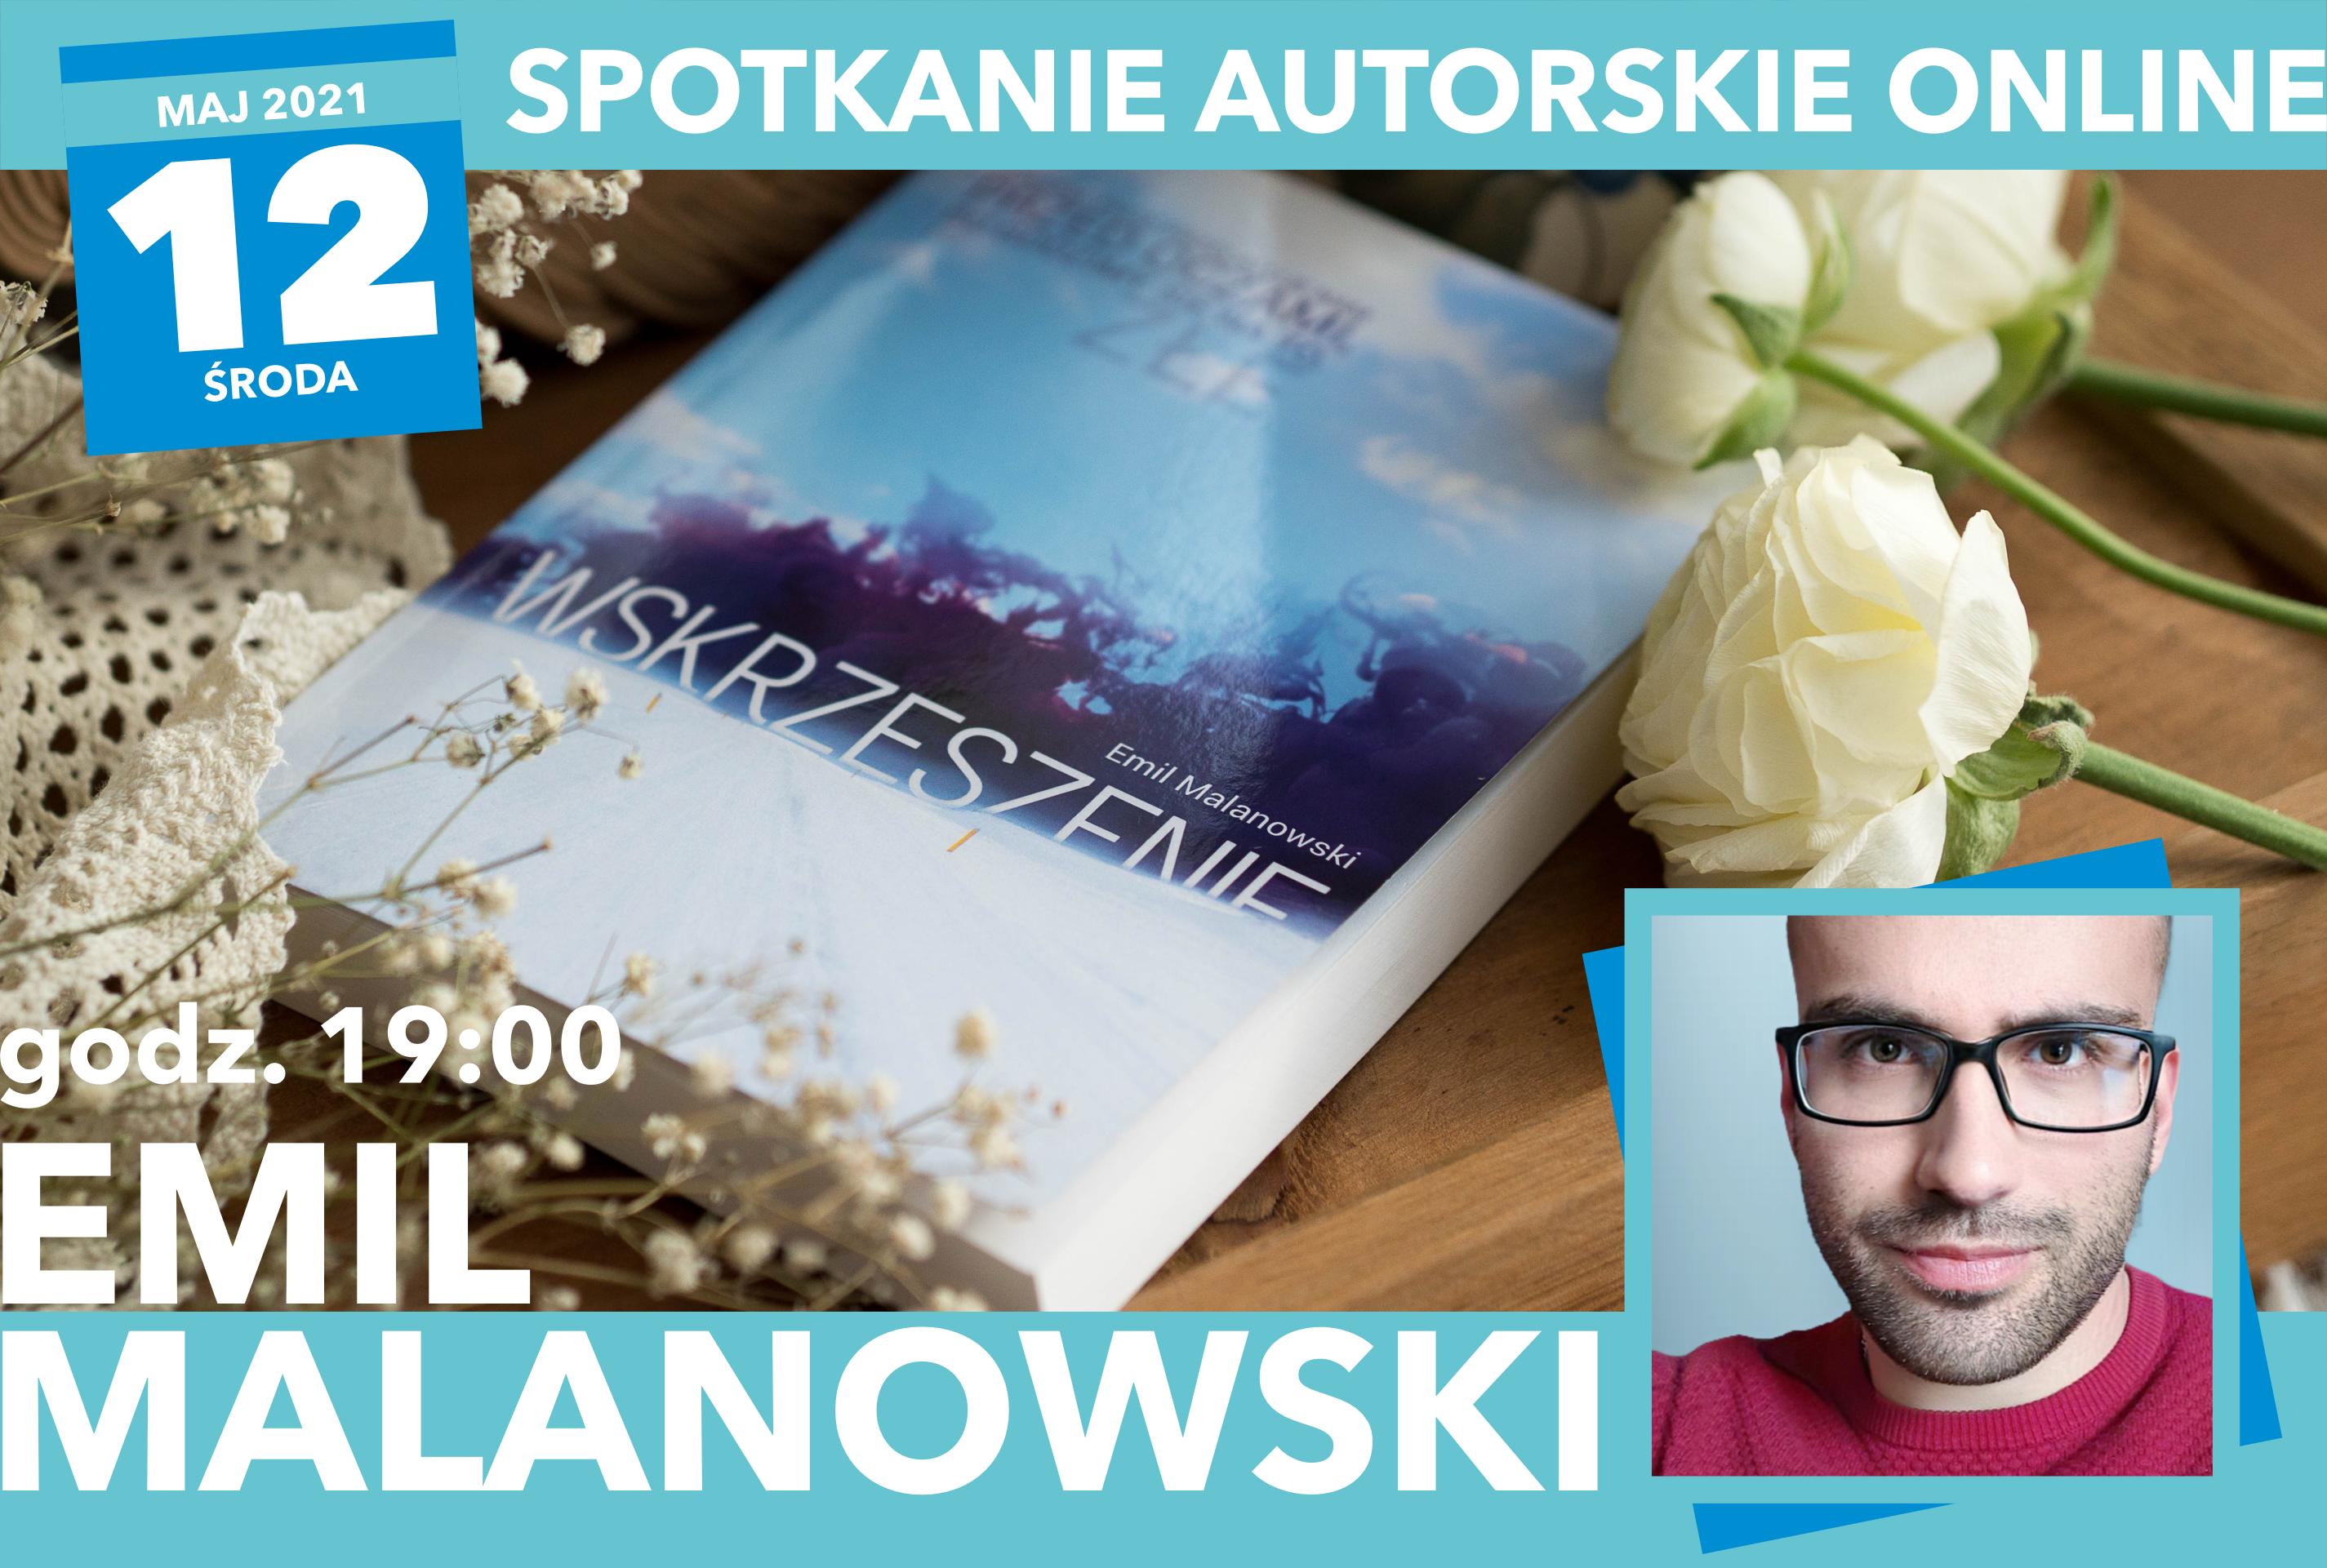 Baner informujący o spotkaniu autorskim w dniu 12-05-2021 o godz. 19 z Emilem Malamowskim